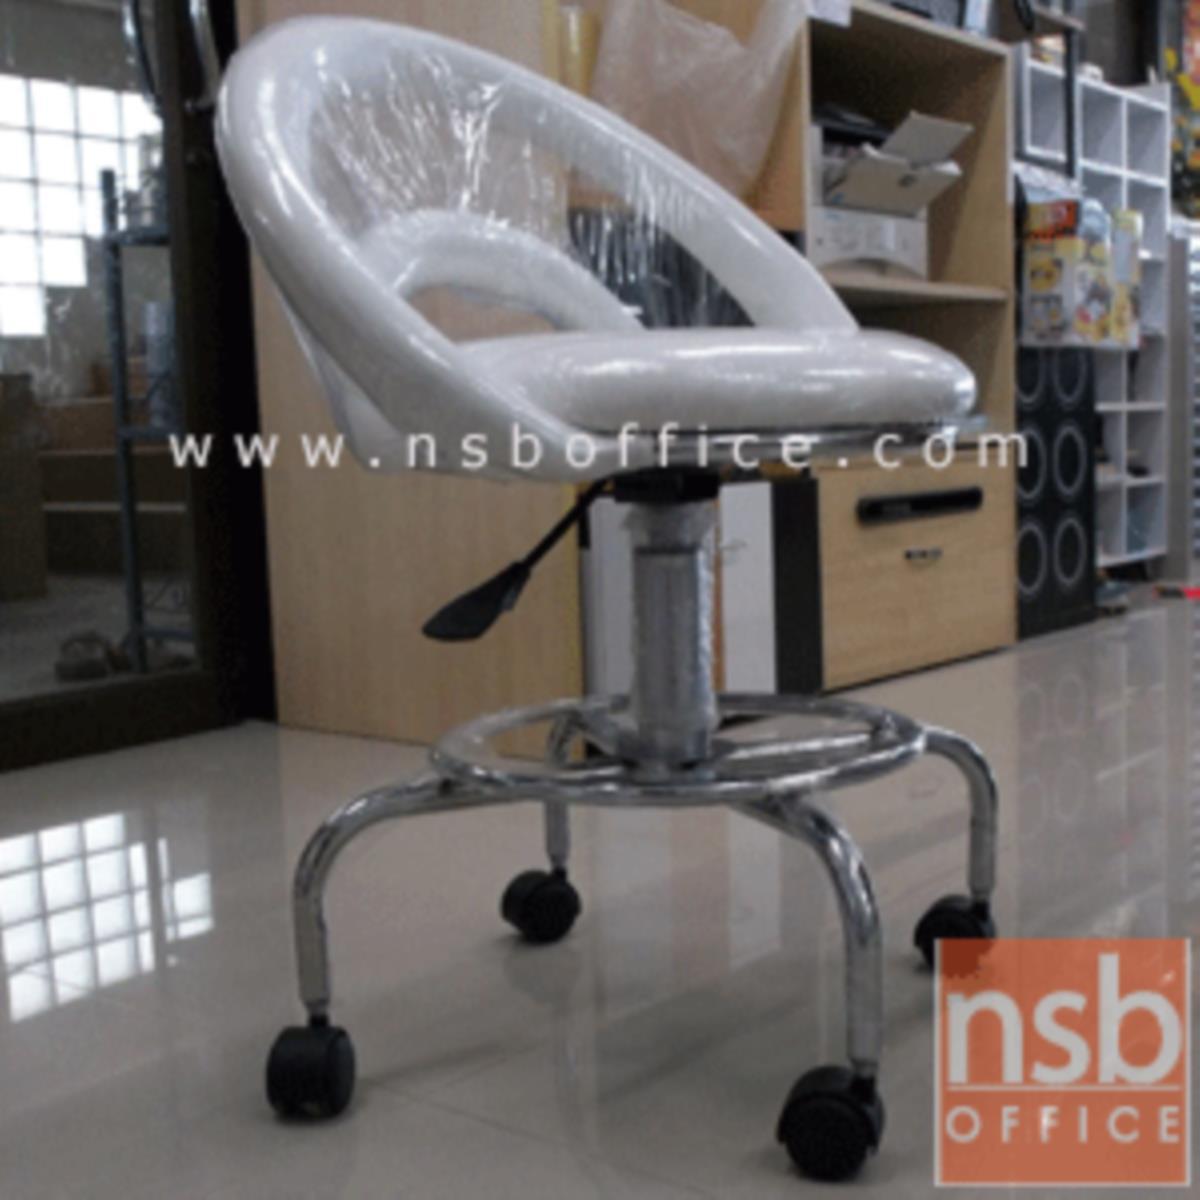 เก้าอี้บาร์สตูลที่นั่งกลมล้อเลื่อน รุ่น Rio (ริโอ้)  โช๊คแก๊ส ขาเหล็กชุบโครเมี่ยม